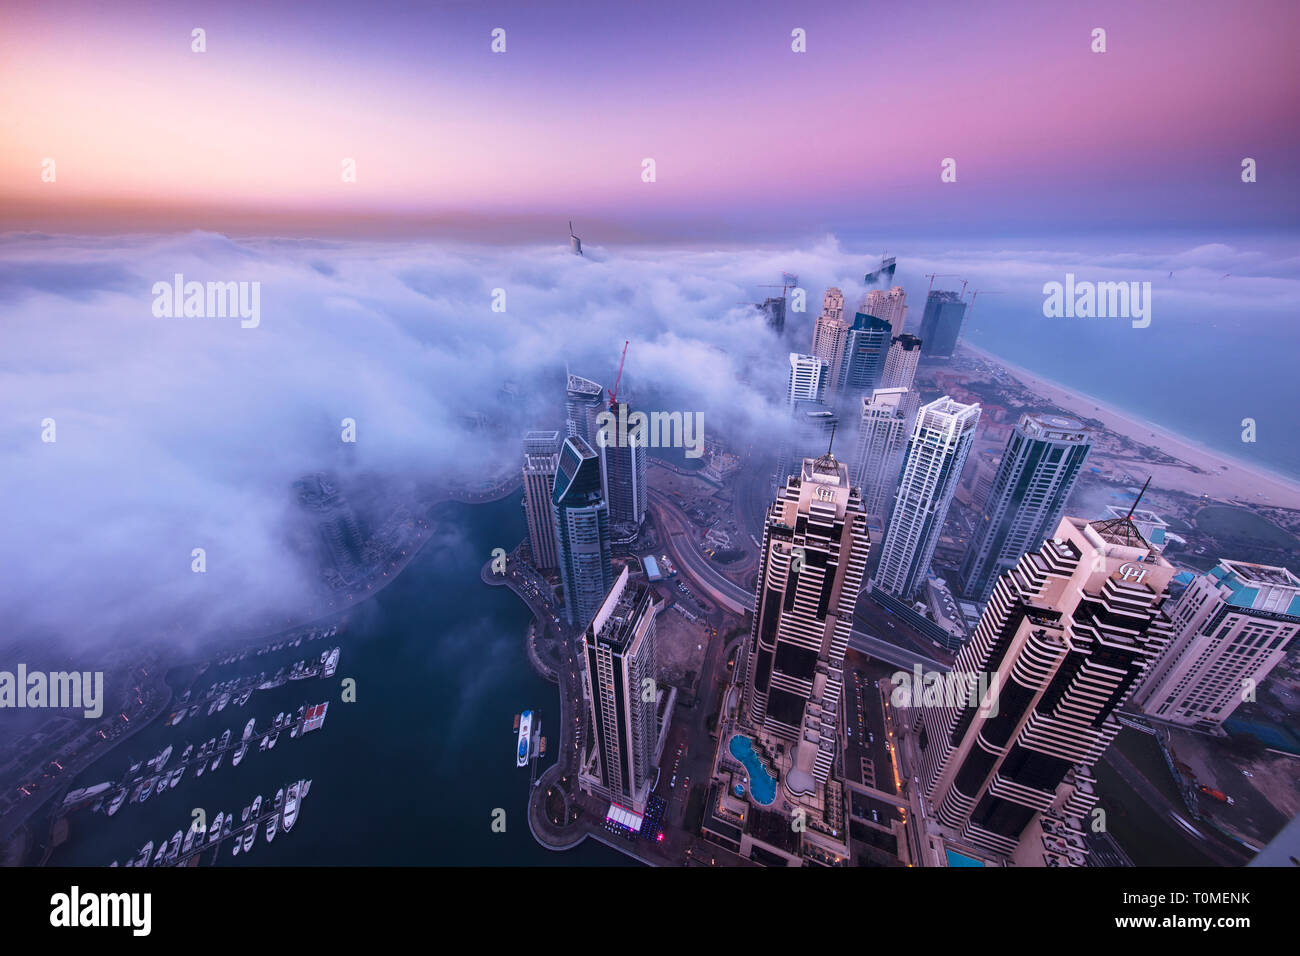 Ein nebeliger Morgen in Marina, Dubai Stockfoto